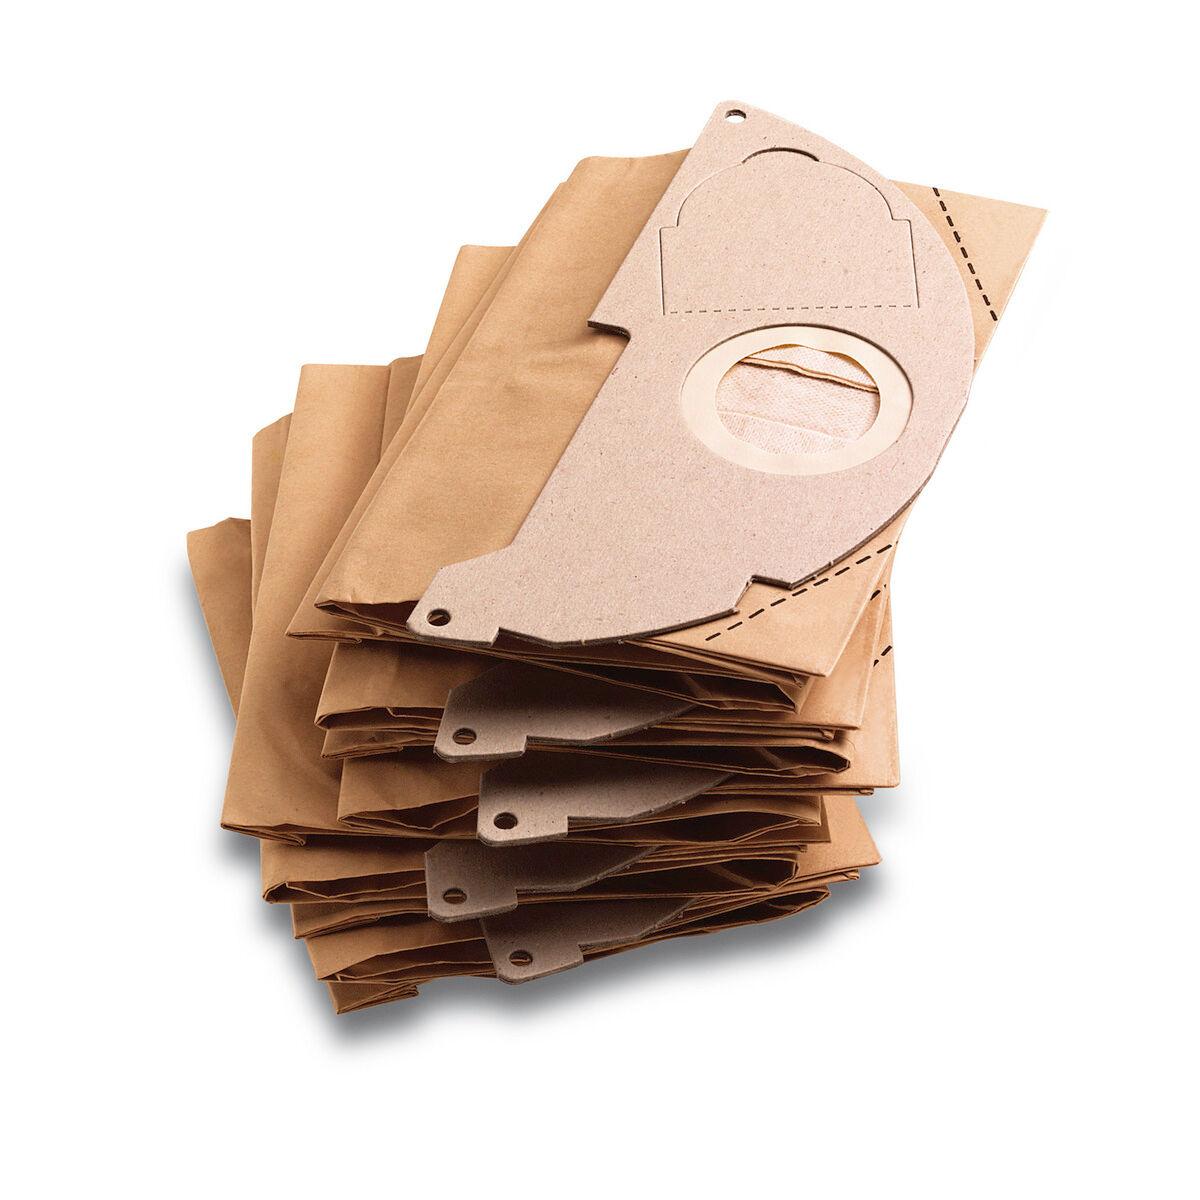 KARCHER Sachet filtre papier WD 2 & WD 2 & A 20XX paquet de 5 pièces - KARCHER - 69043220